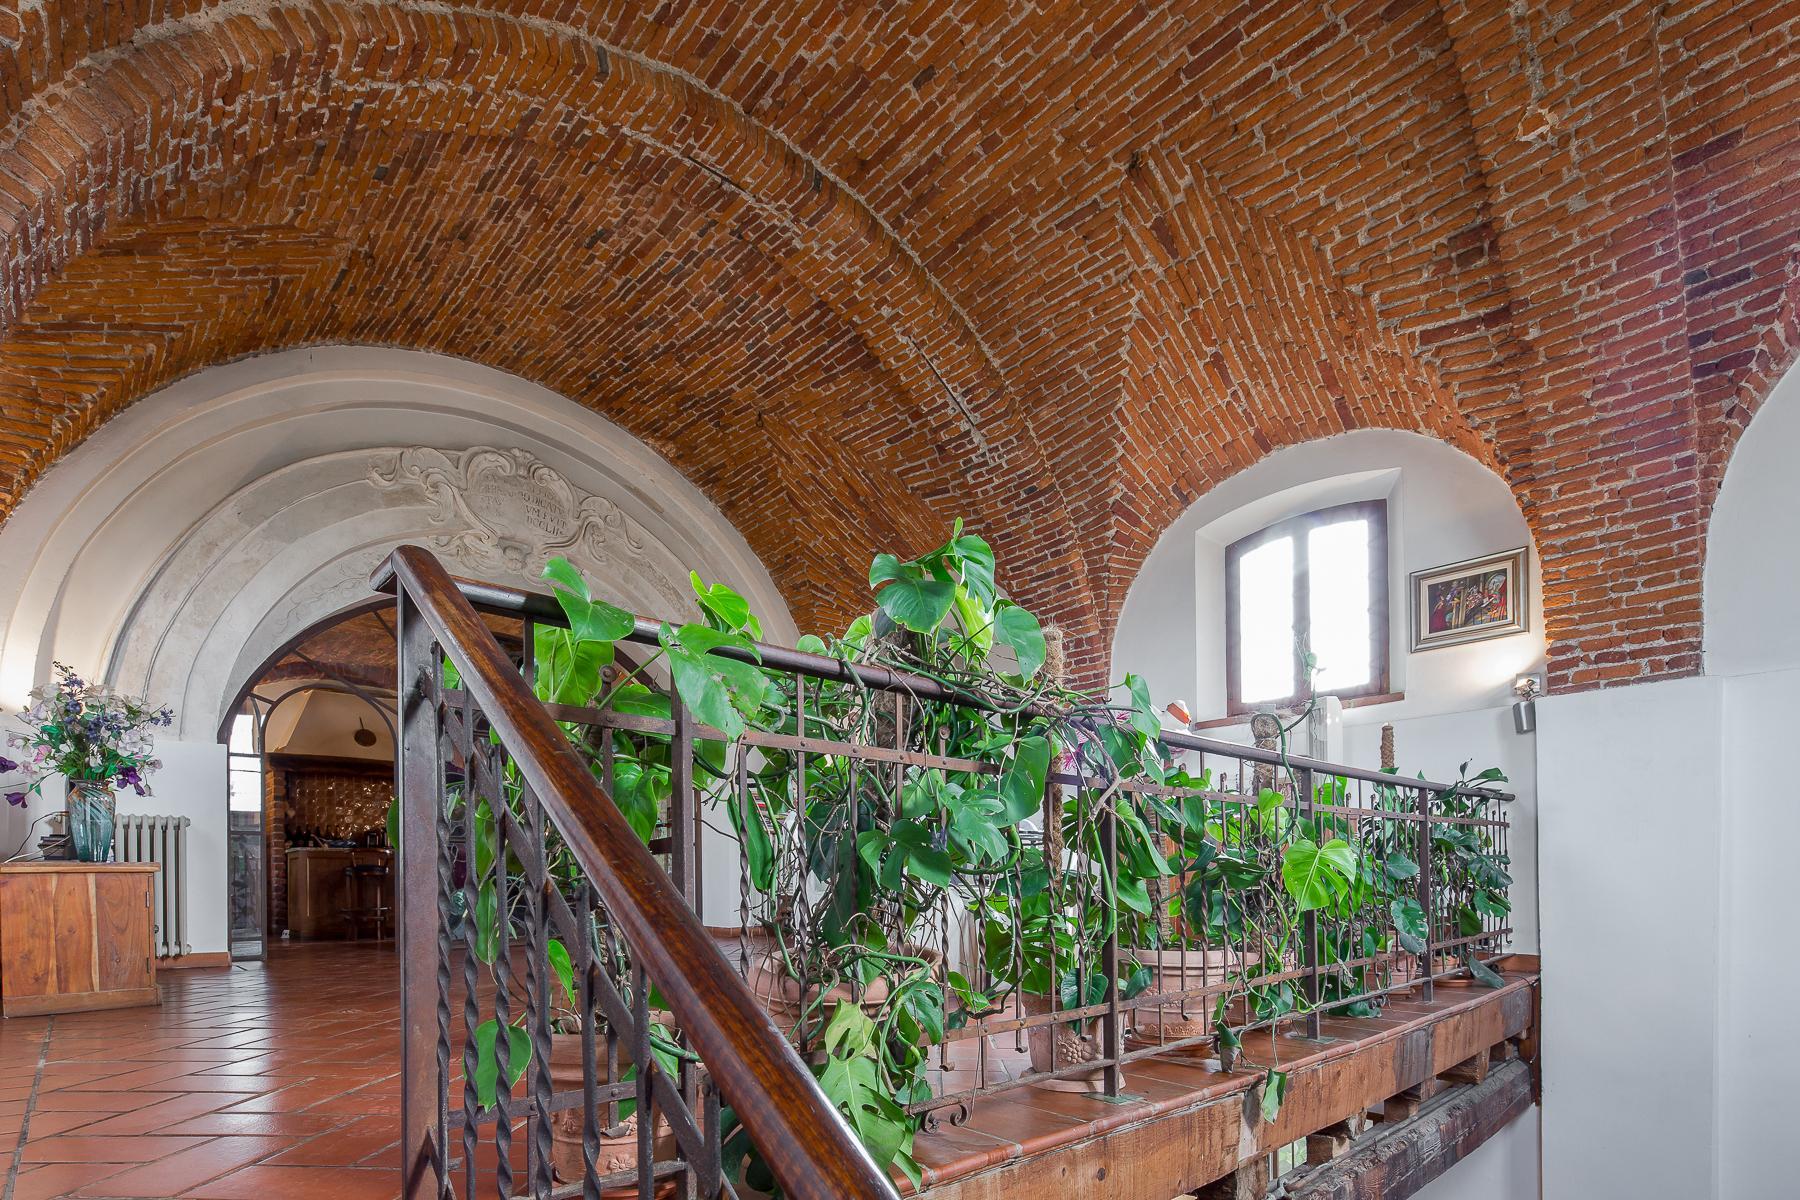 Storica chiesa sconsacrata, adibita ad abitazione, con giardino - 18